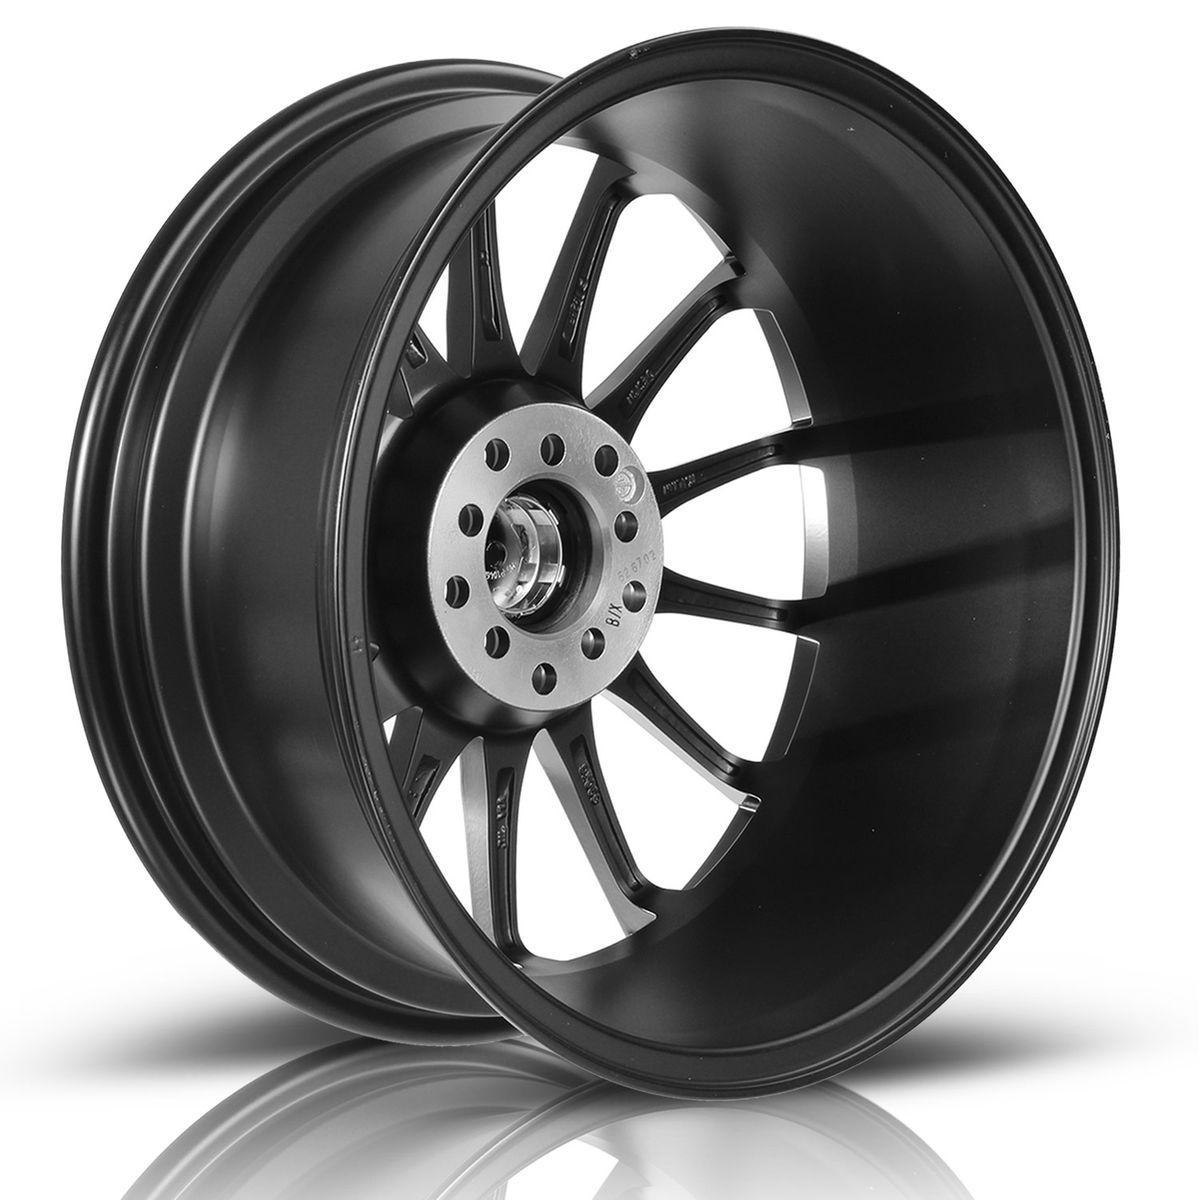 45 Offset Wheels 5x100 5x114.3 Rims For Toyota Suzuki Subaru Scion 17X7 1